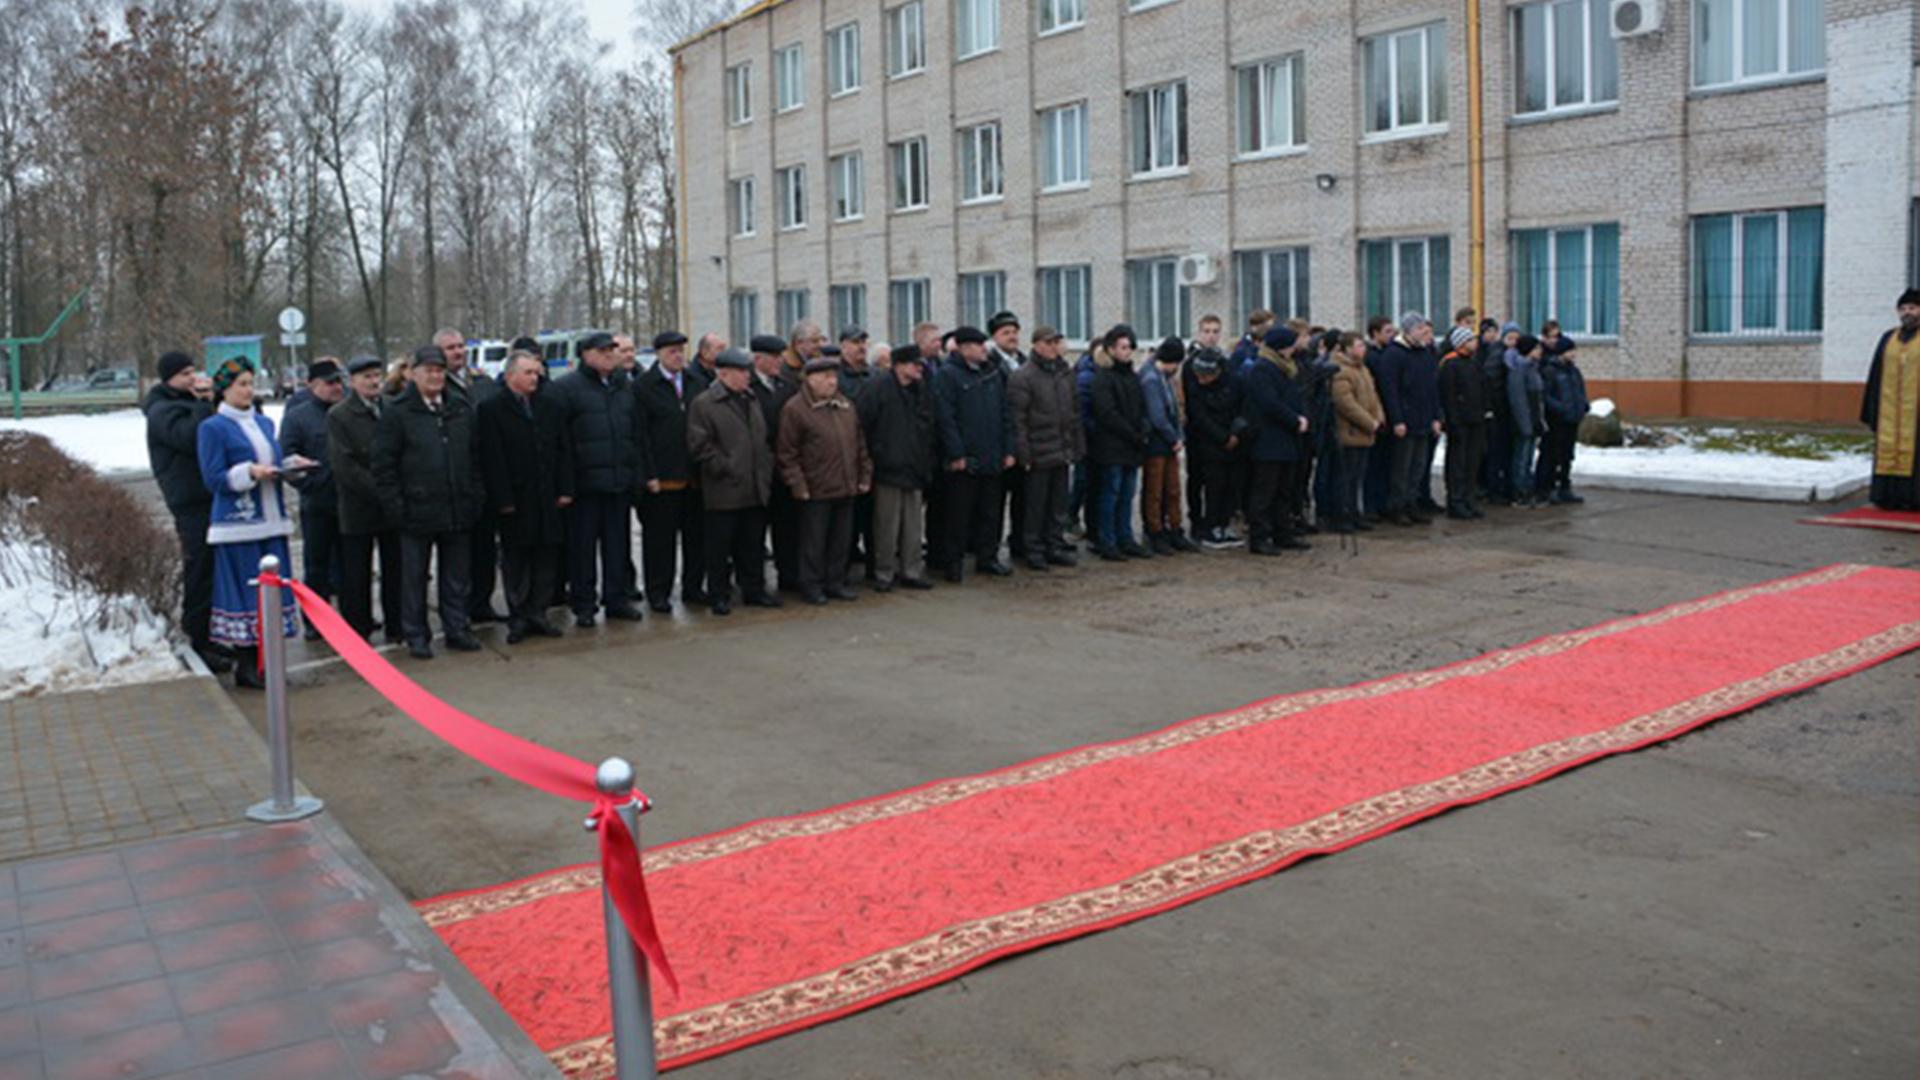 Смешно и неприятно: быховская милиция признала нормой «туалет-ведро» для арестованных